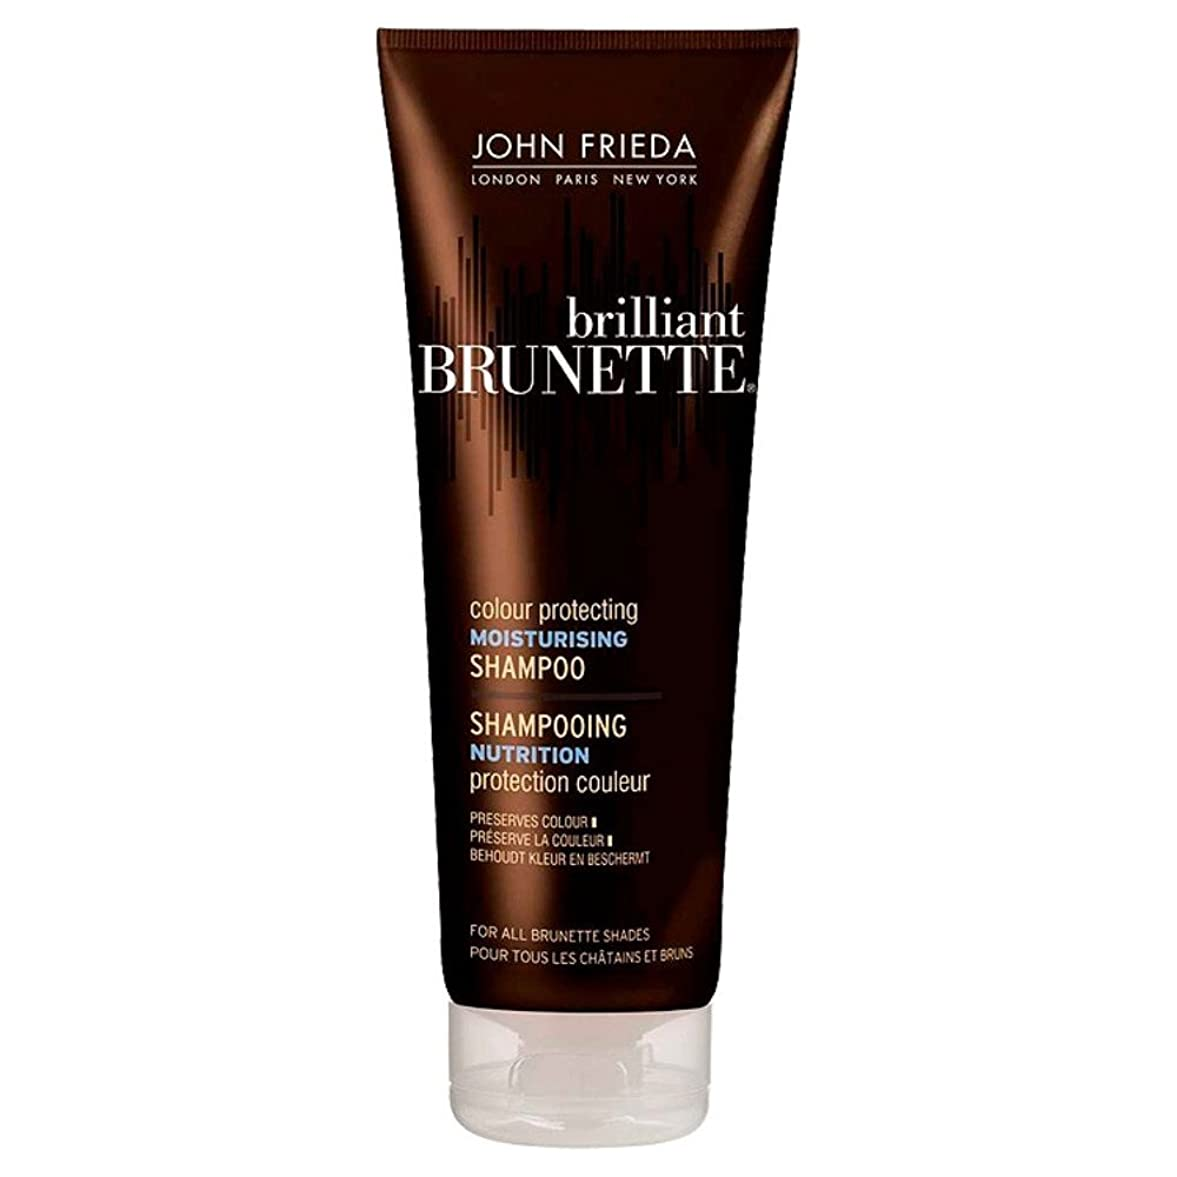 気づかない余裕があるストッキングJohn Frieda Brilliant Brunette Multi-Tone Revealing Shampoo - Moisturising (250ml) ジョン?フリーダ鮮やかなブルネットマルチトーン明らかシャンプー - 保湿( 250ミリリットル) [並行輸入品]